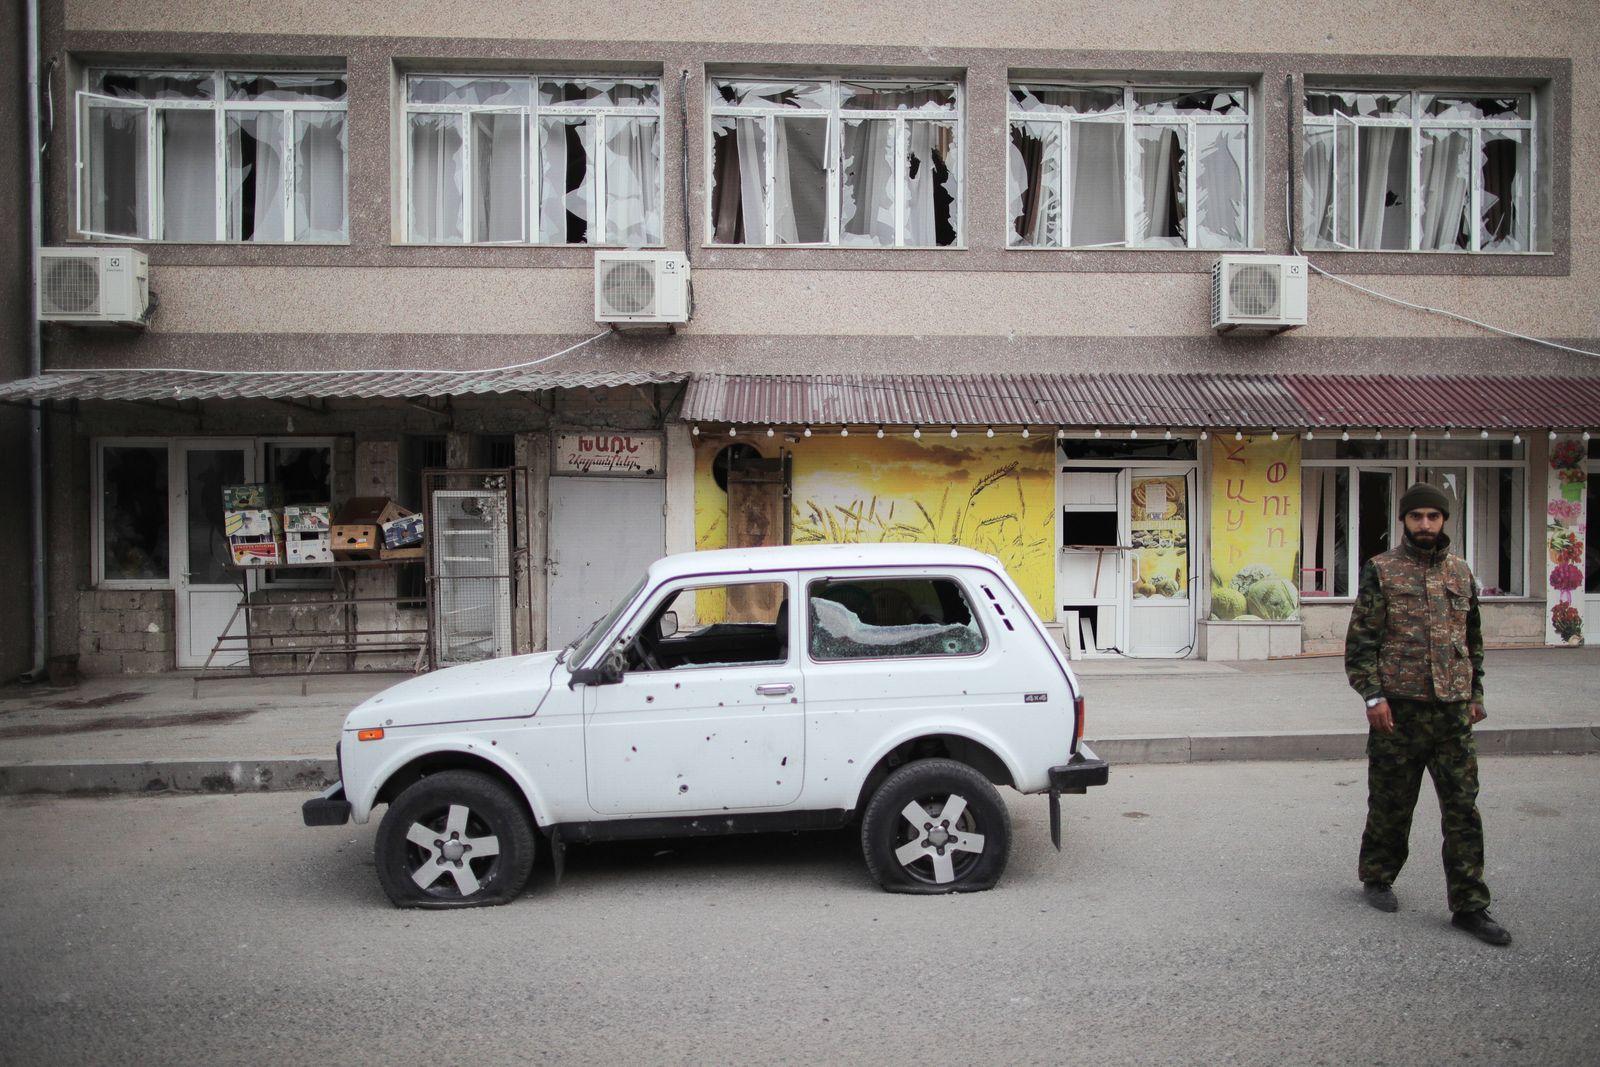 Bergkarabach, Kämpfe in der von Armenien und Aserbaidschan umstrittenen Region NAGORNO-KARABAKH - OCTOBER 2, 2020: A bu